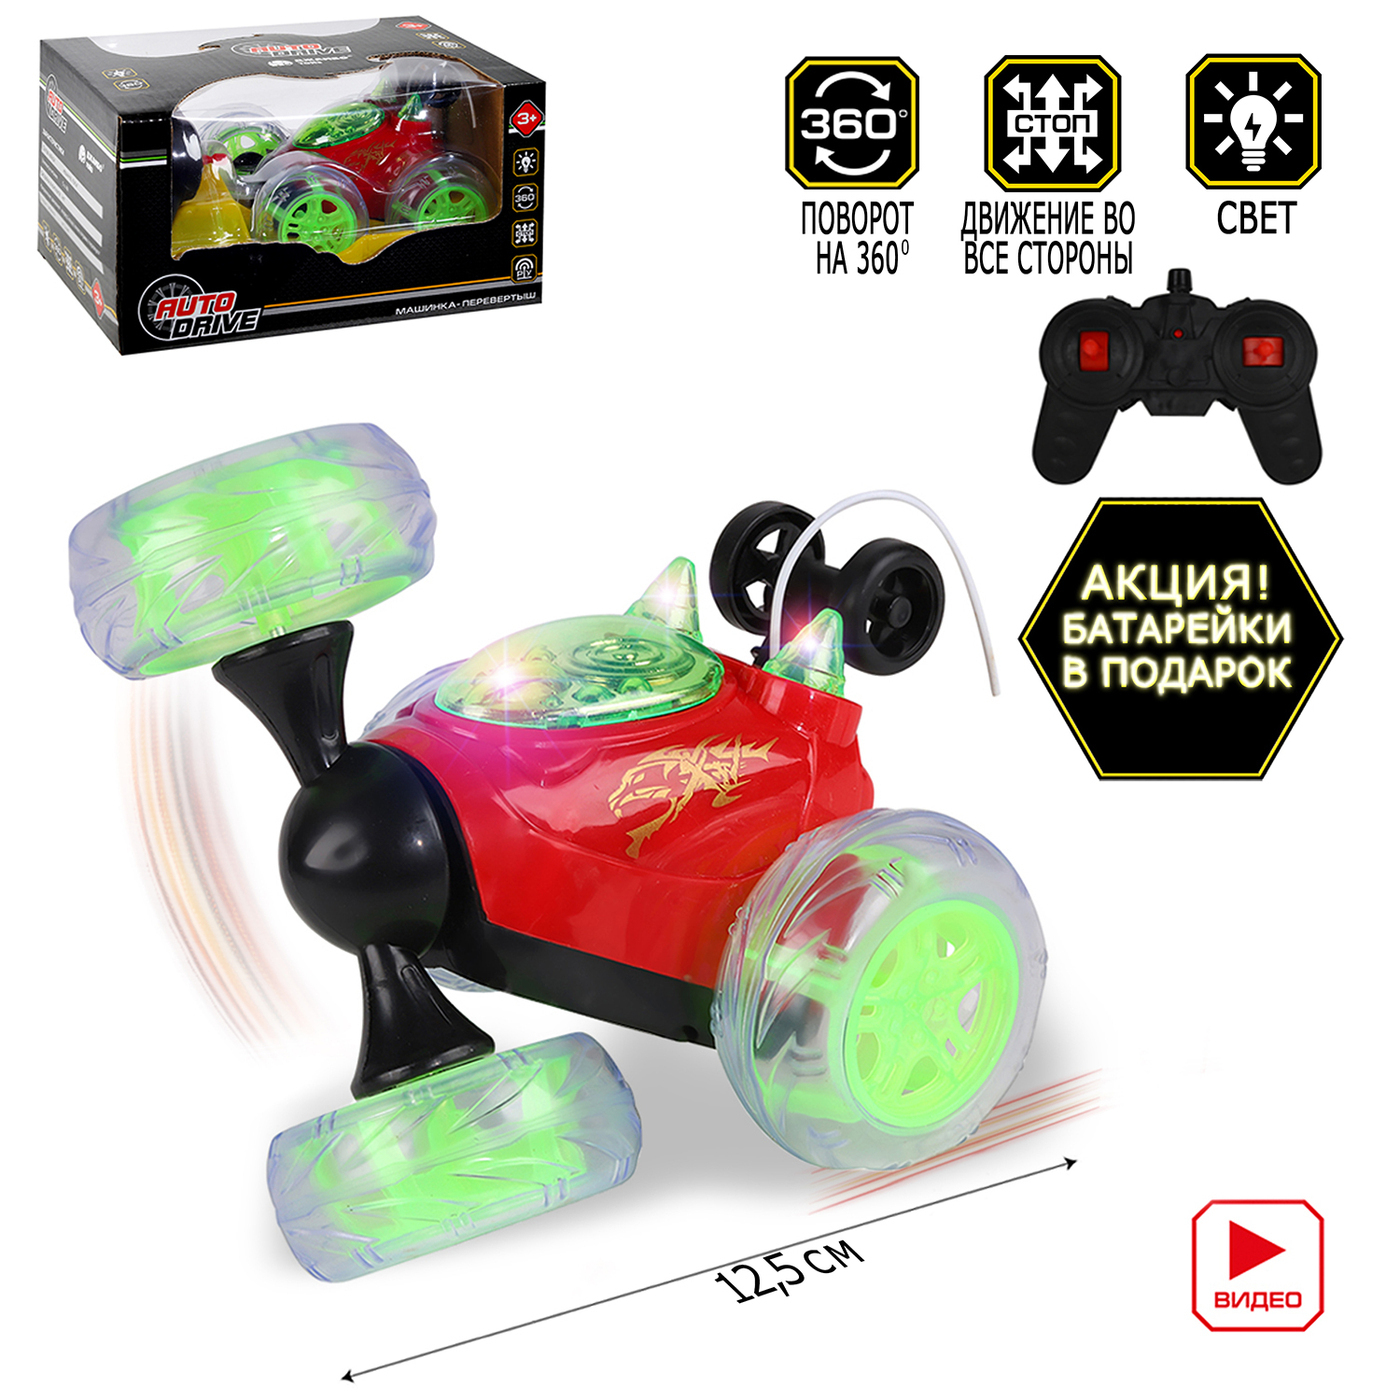 Машинка на пульте управления AUTODRIVE дрифт машинка перевертыш, машина на радиоуправлении для дрифта по бездорожью, радиоуправляемая, игрушечная, детская, игрушка, 5 каналов, разворот на 360 градусов, переворот через себя, размер 12,5 х 12,5 х 9 см